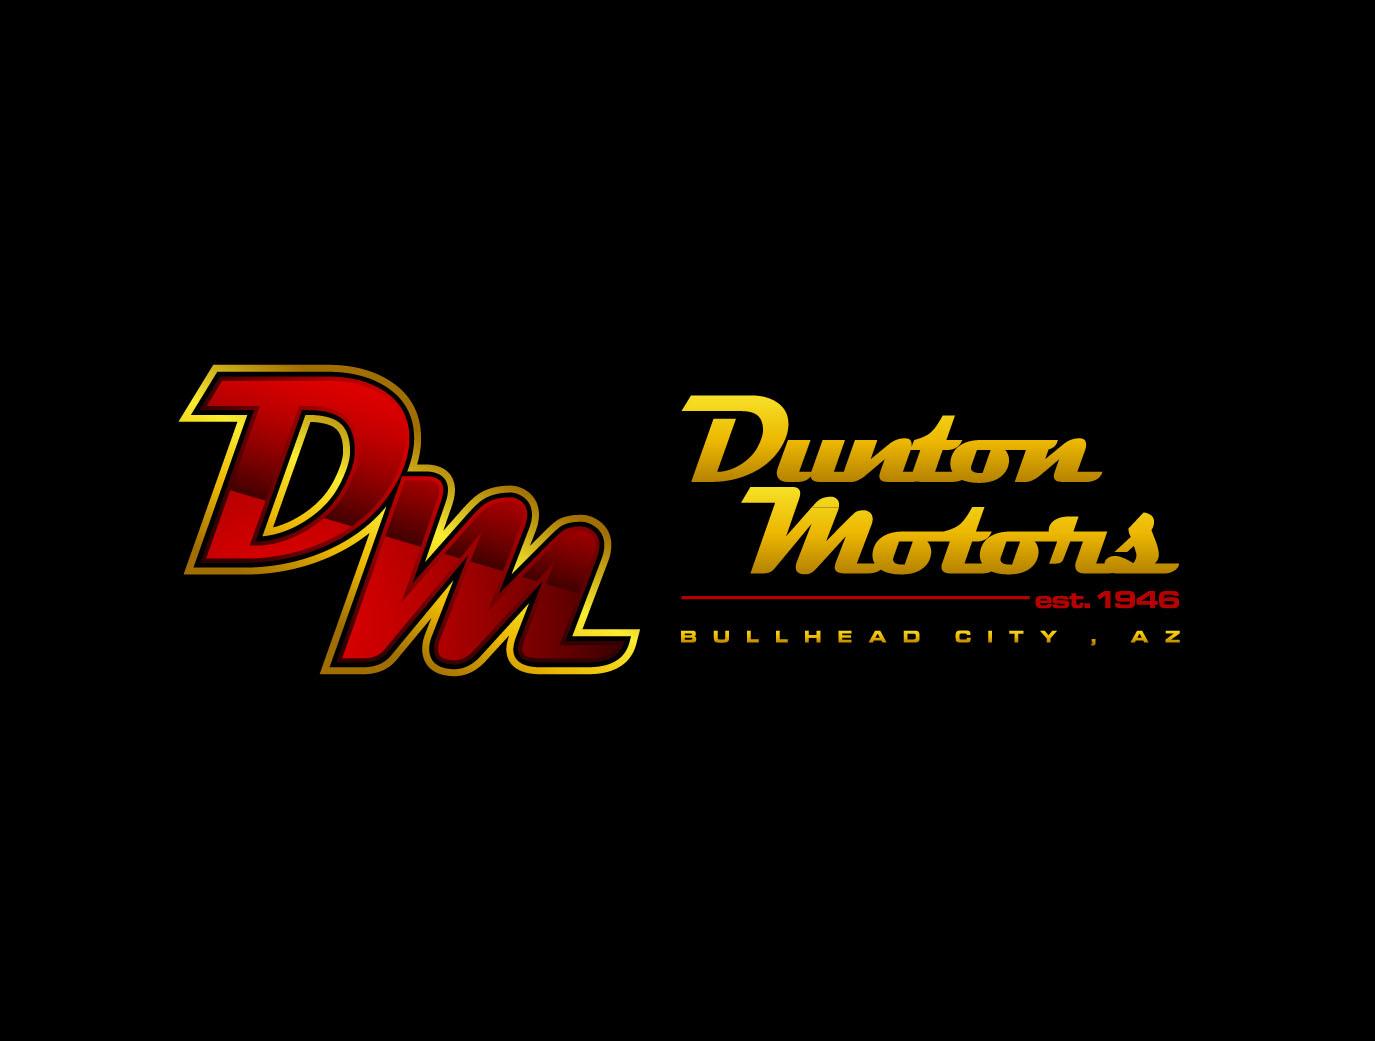 Check out this design for dunton motors est 1946 bullhead for Dunton motors auto sales bullhead city az